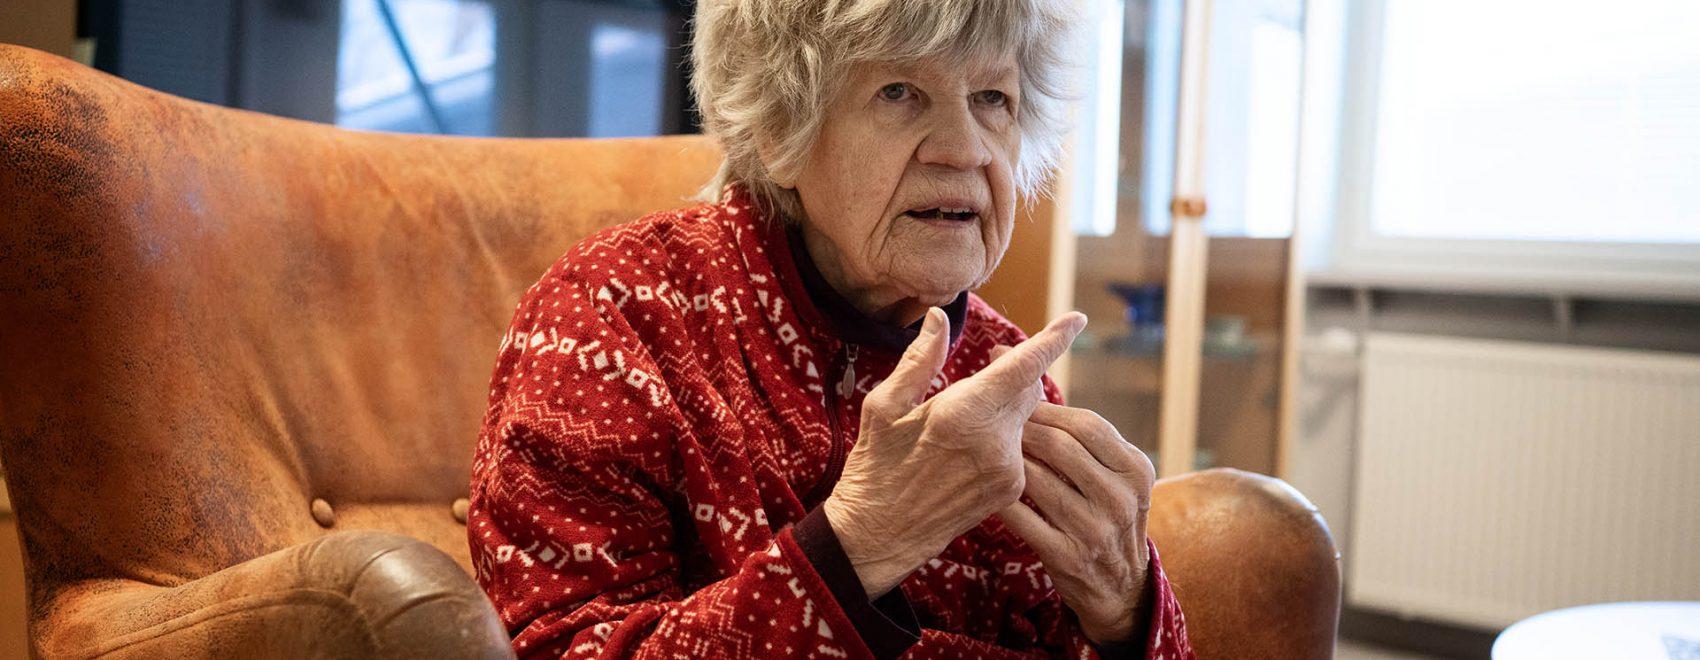 Tuula Vartiala vierailee äitinsä luona Åvikissa.